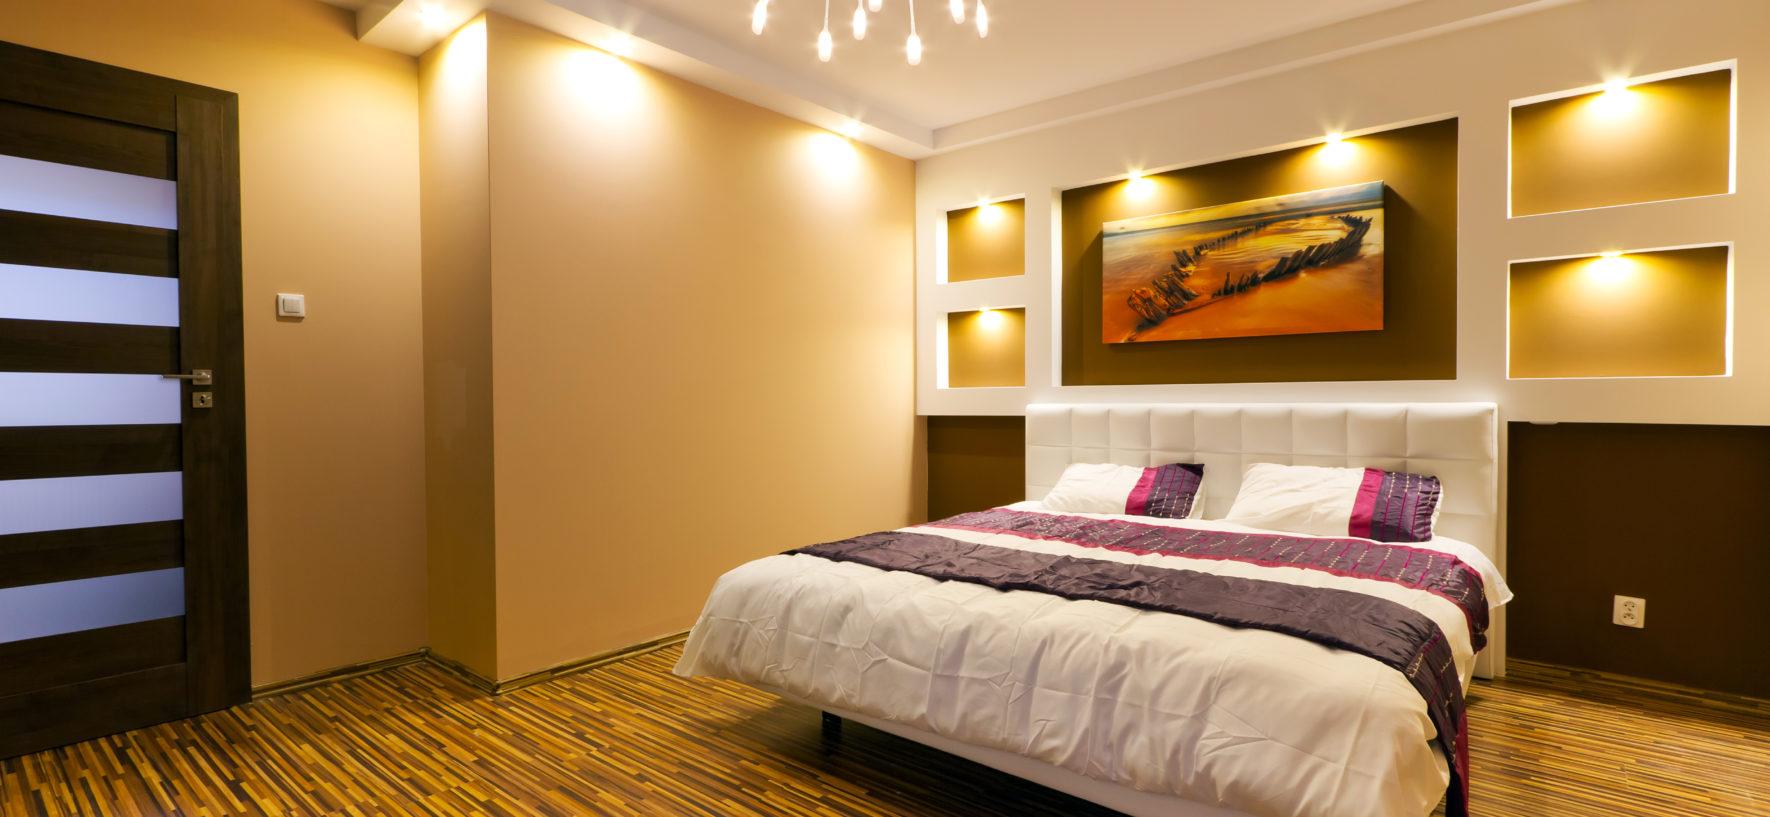 Как быстро обновить спальню?